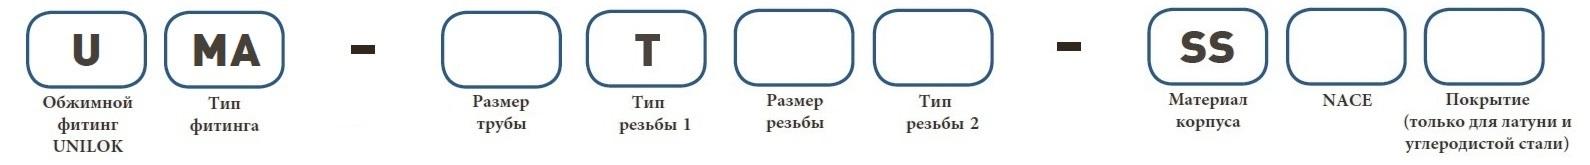 Форма заказа UMA